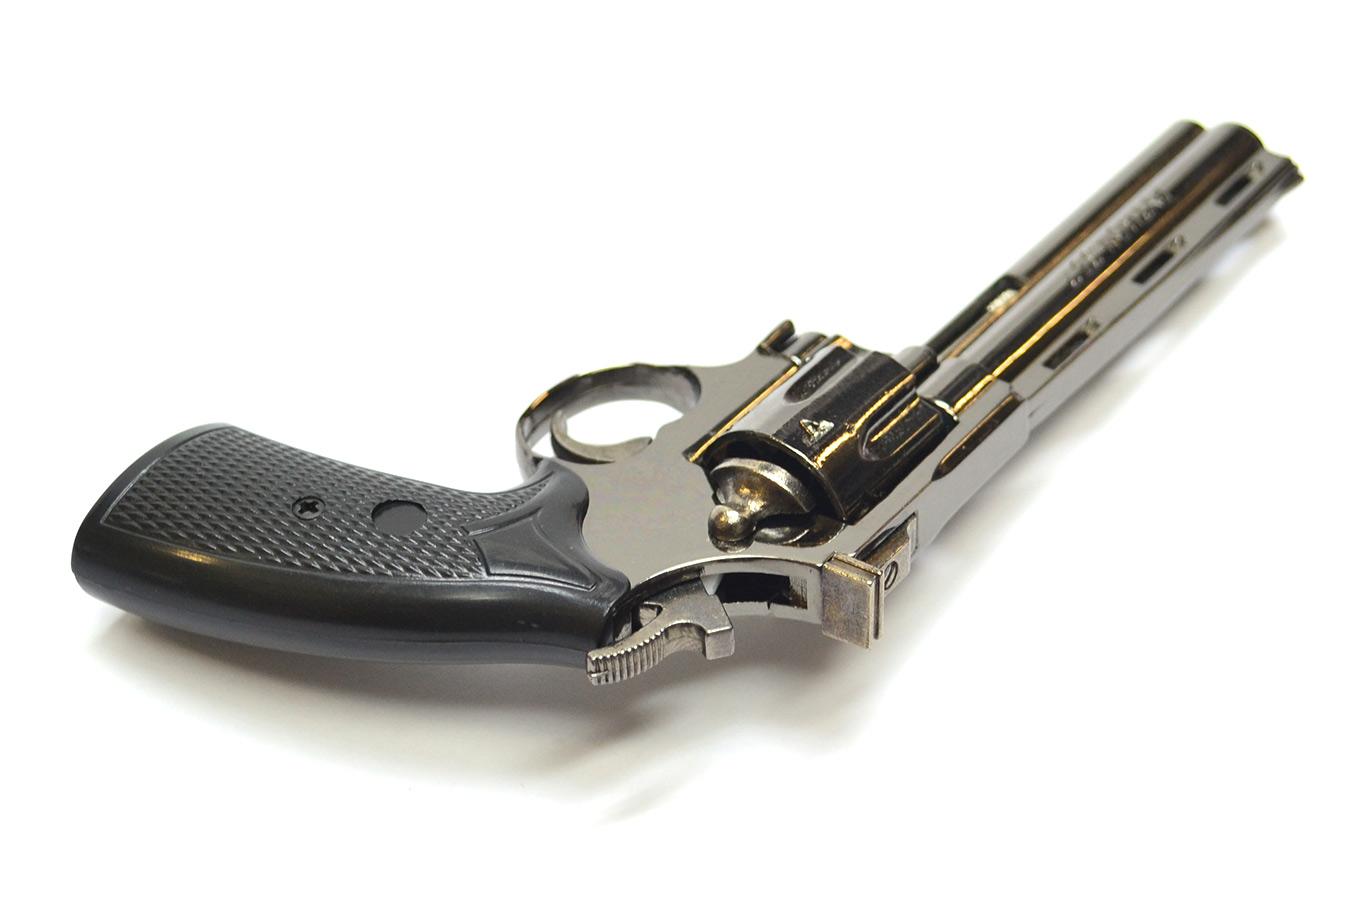 Colt Python с 152 мм стволом изображение 3